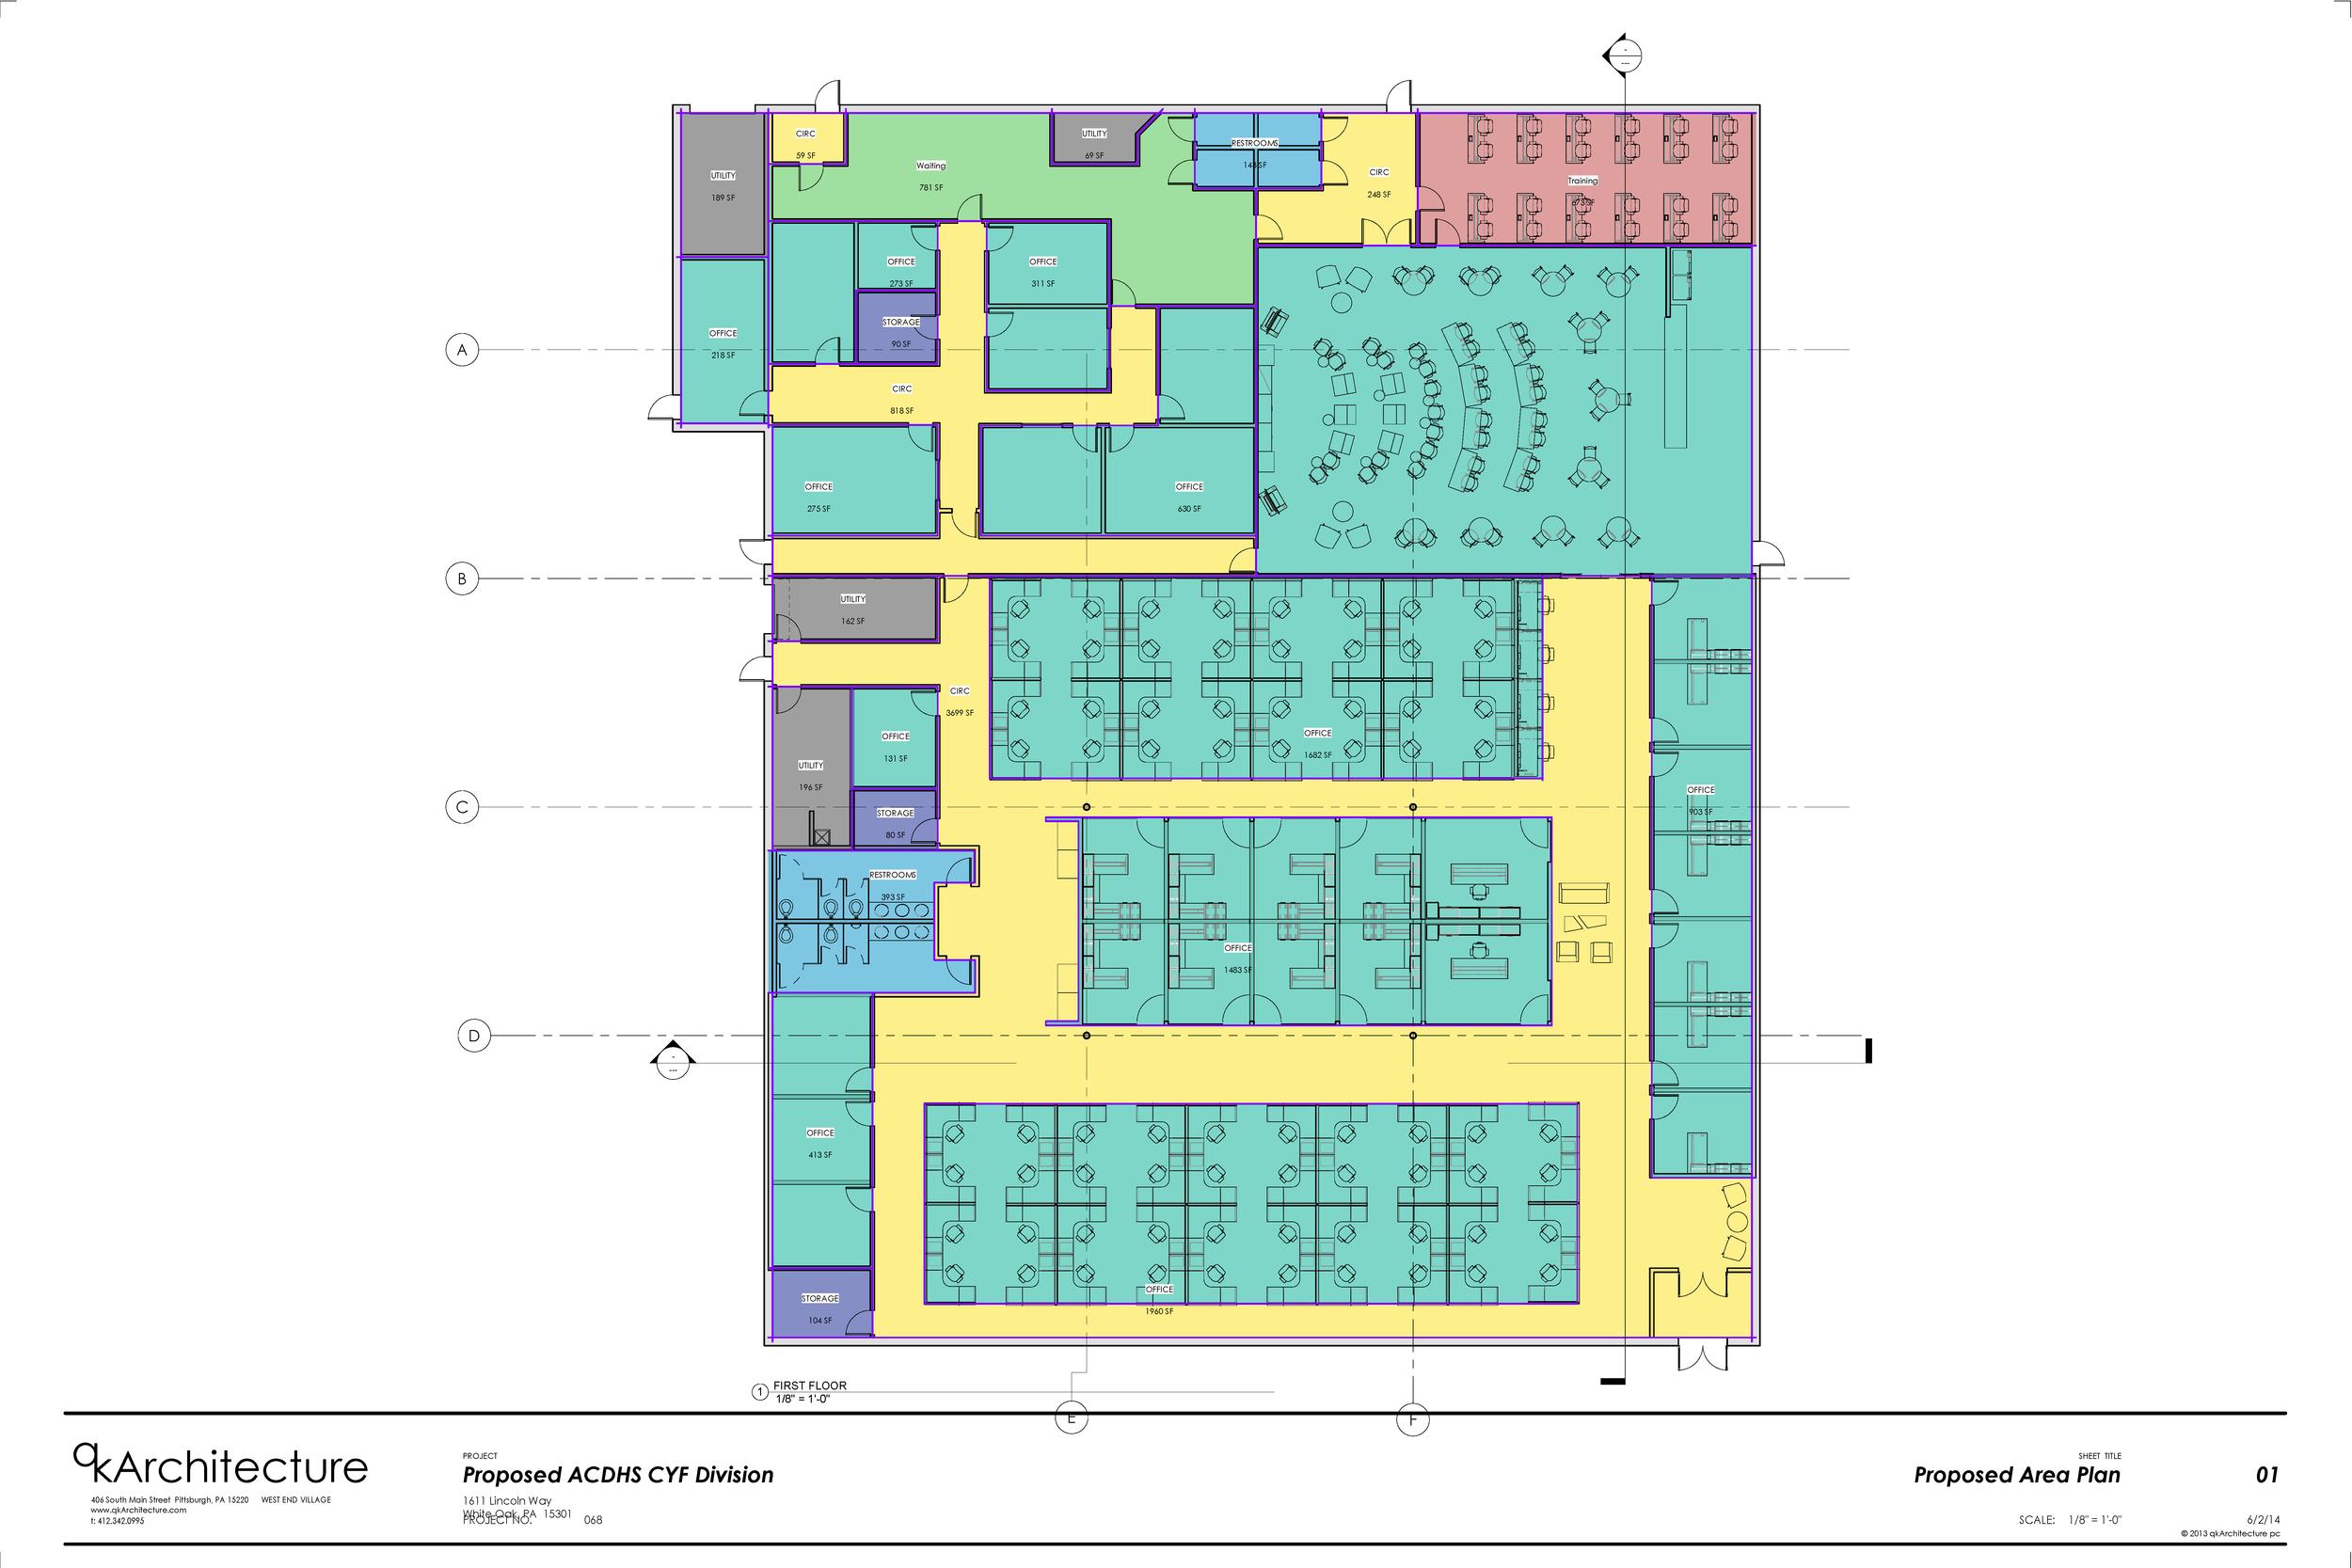 068_AKS_TestFit_DesignOption1 - Sheet - 01 - Proposed Area Plan.png